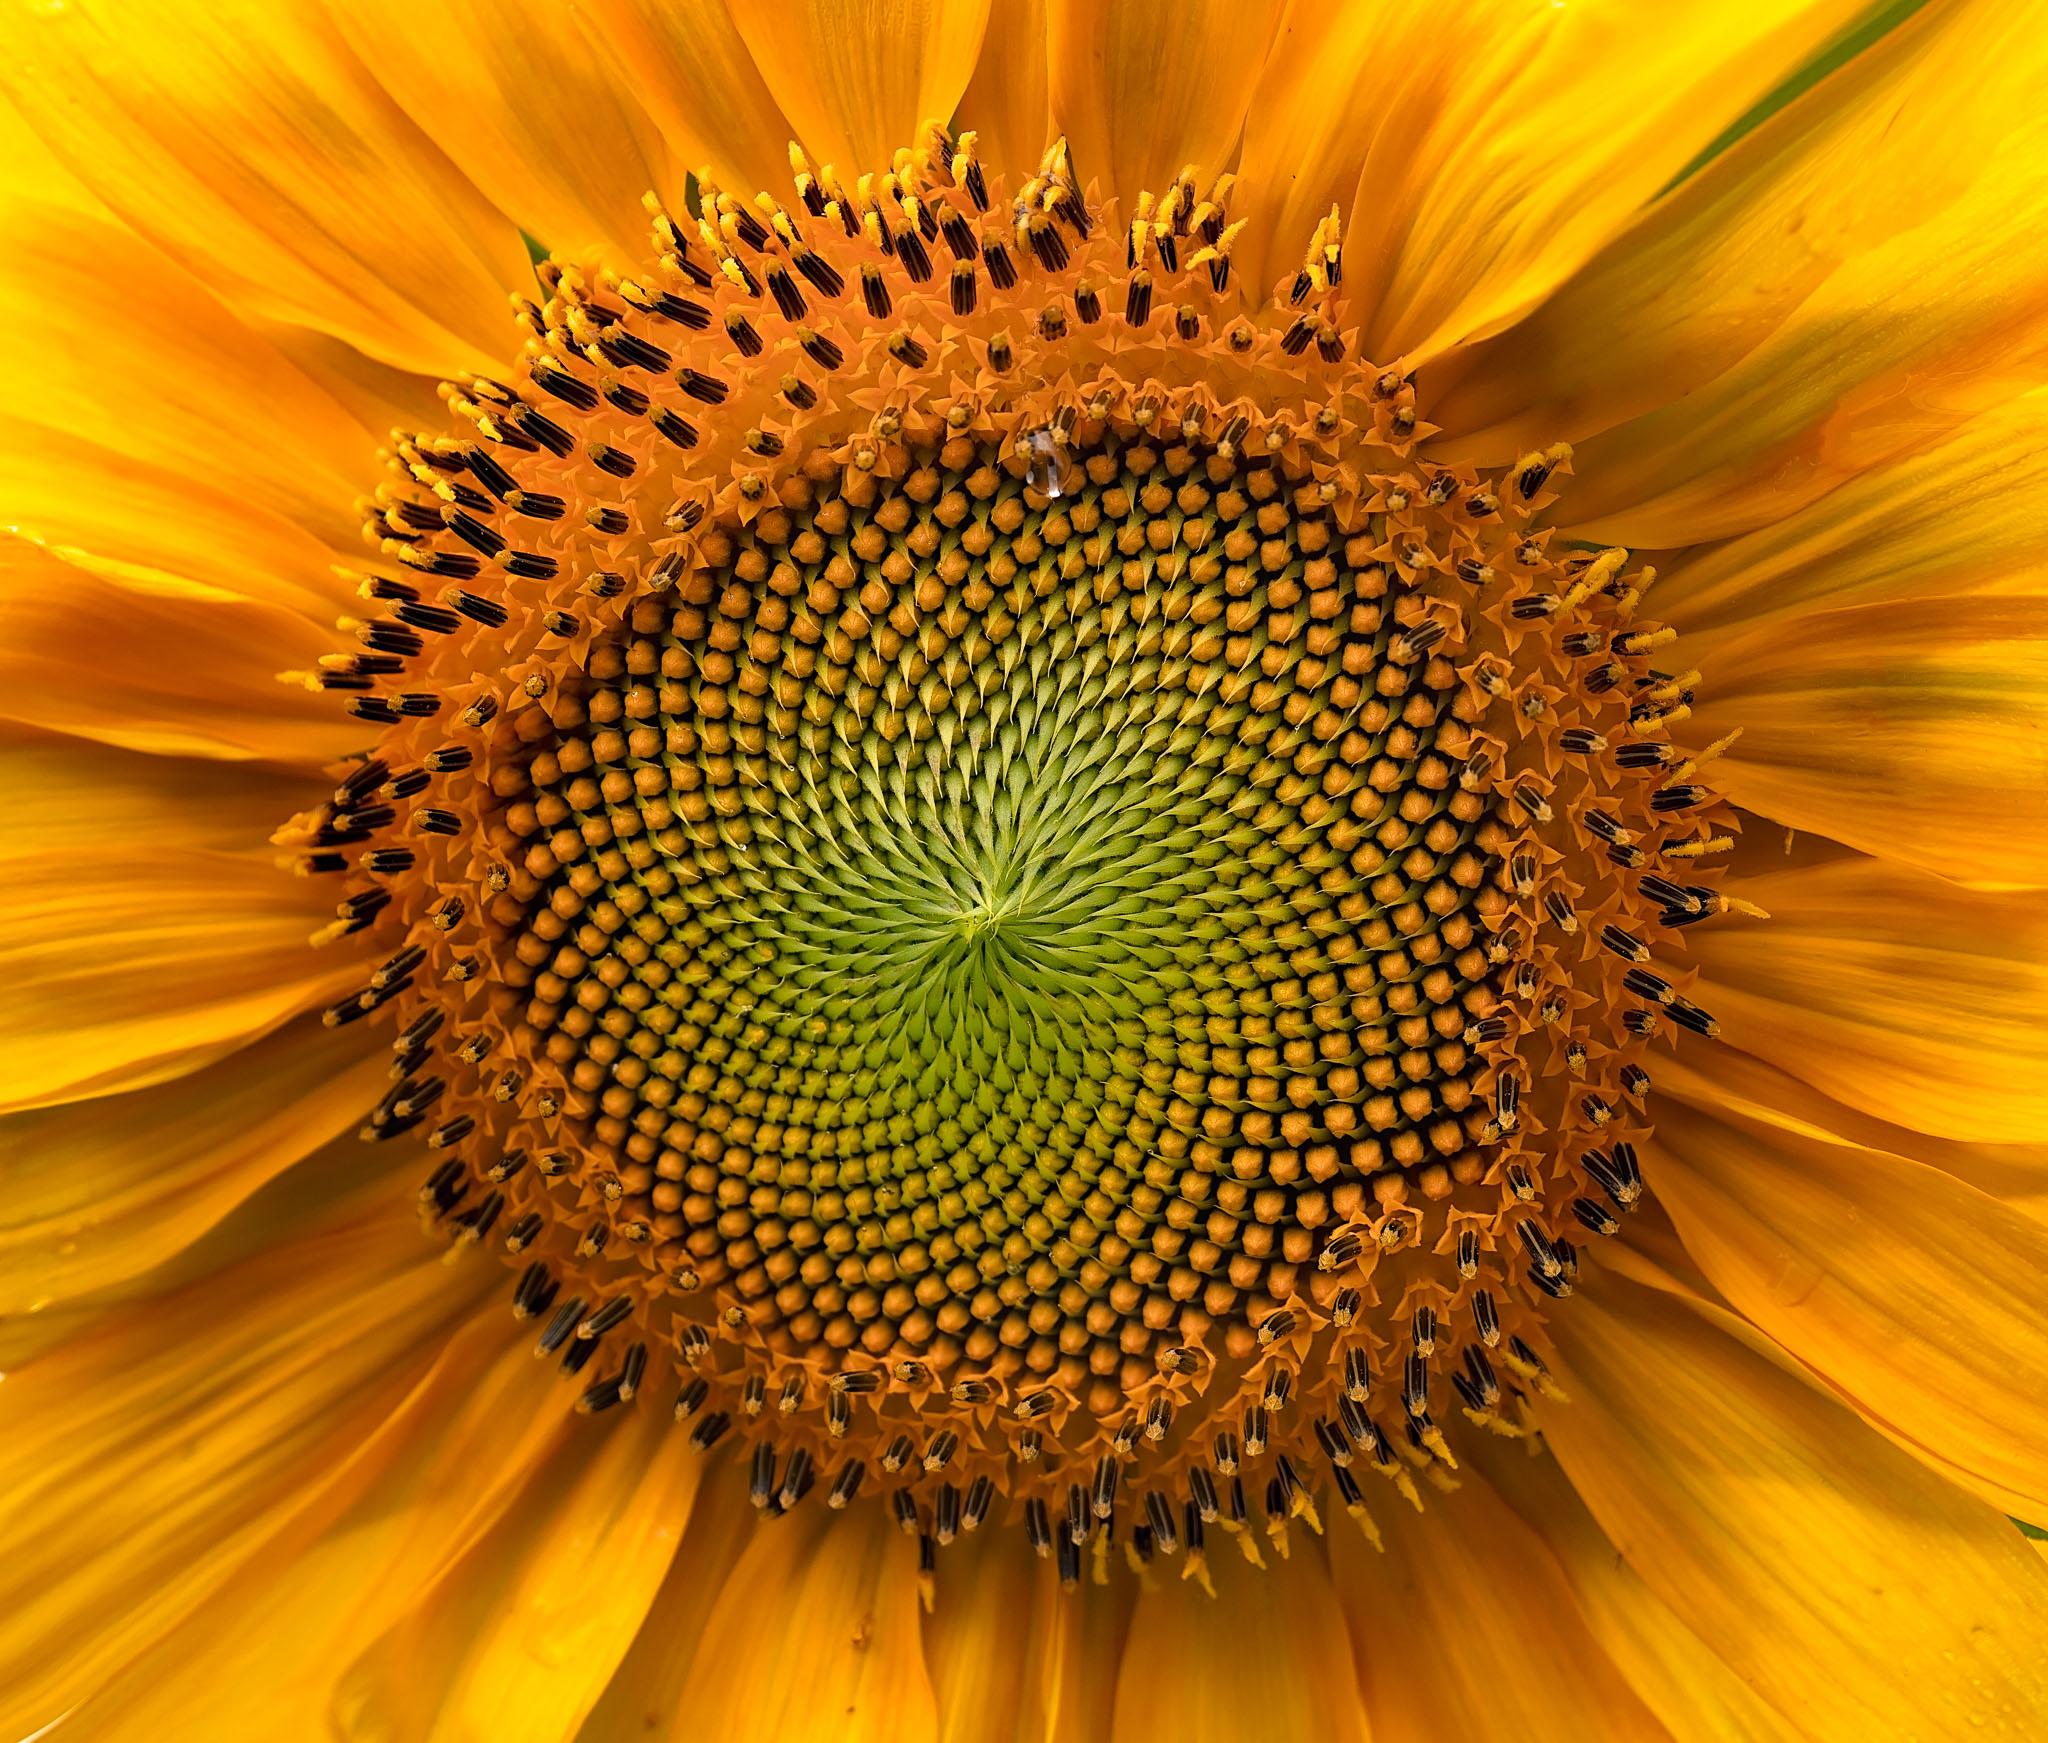 Fibonacci's sunflower